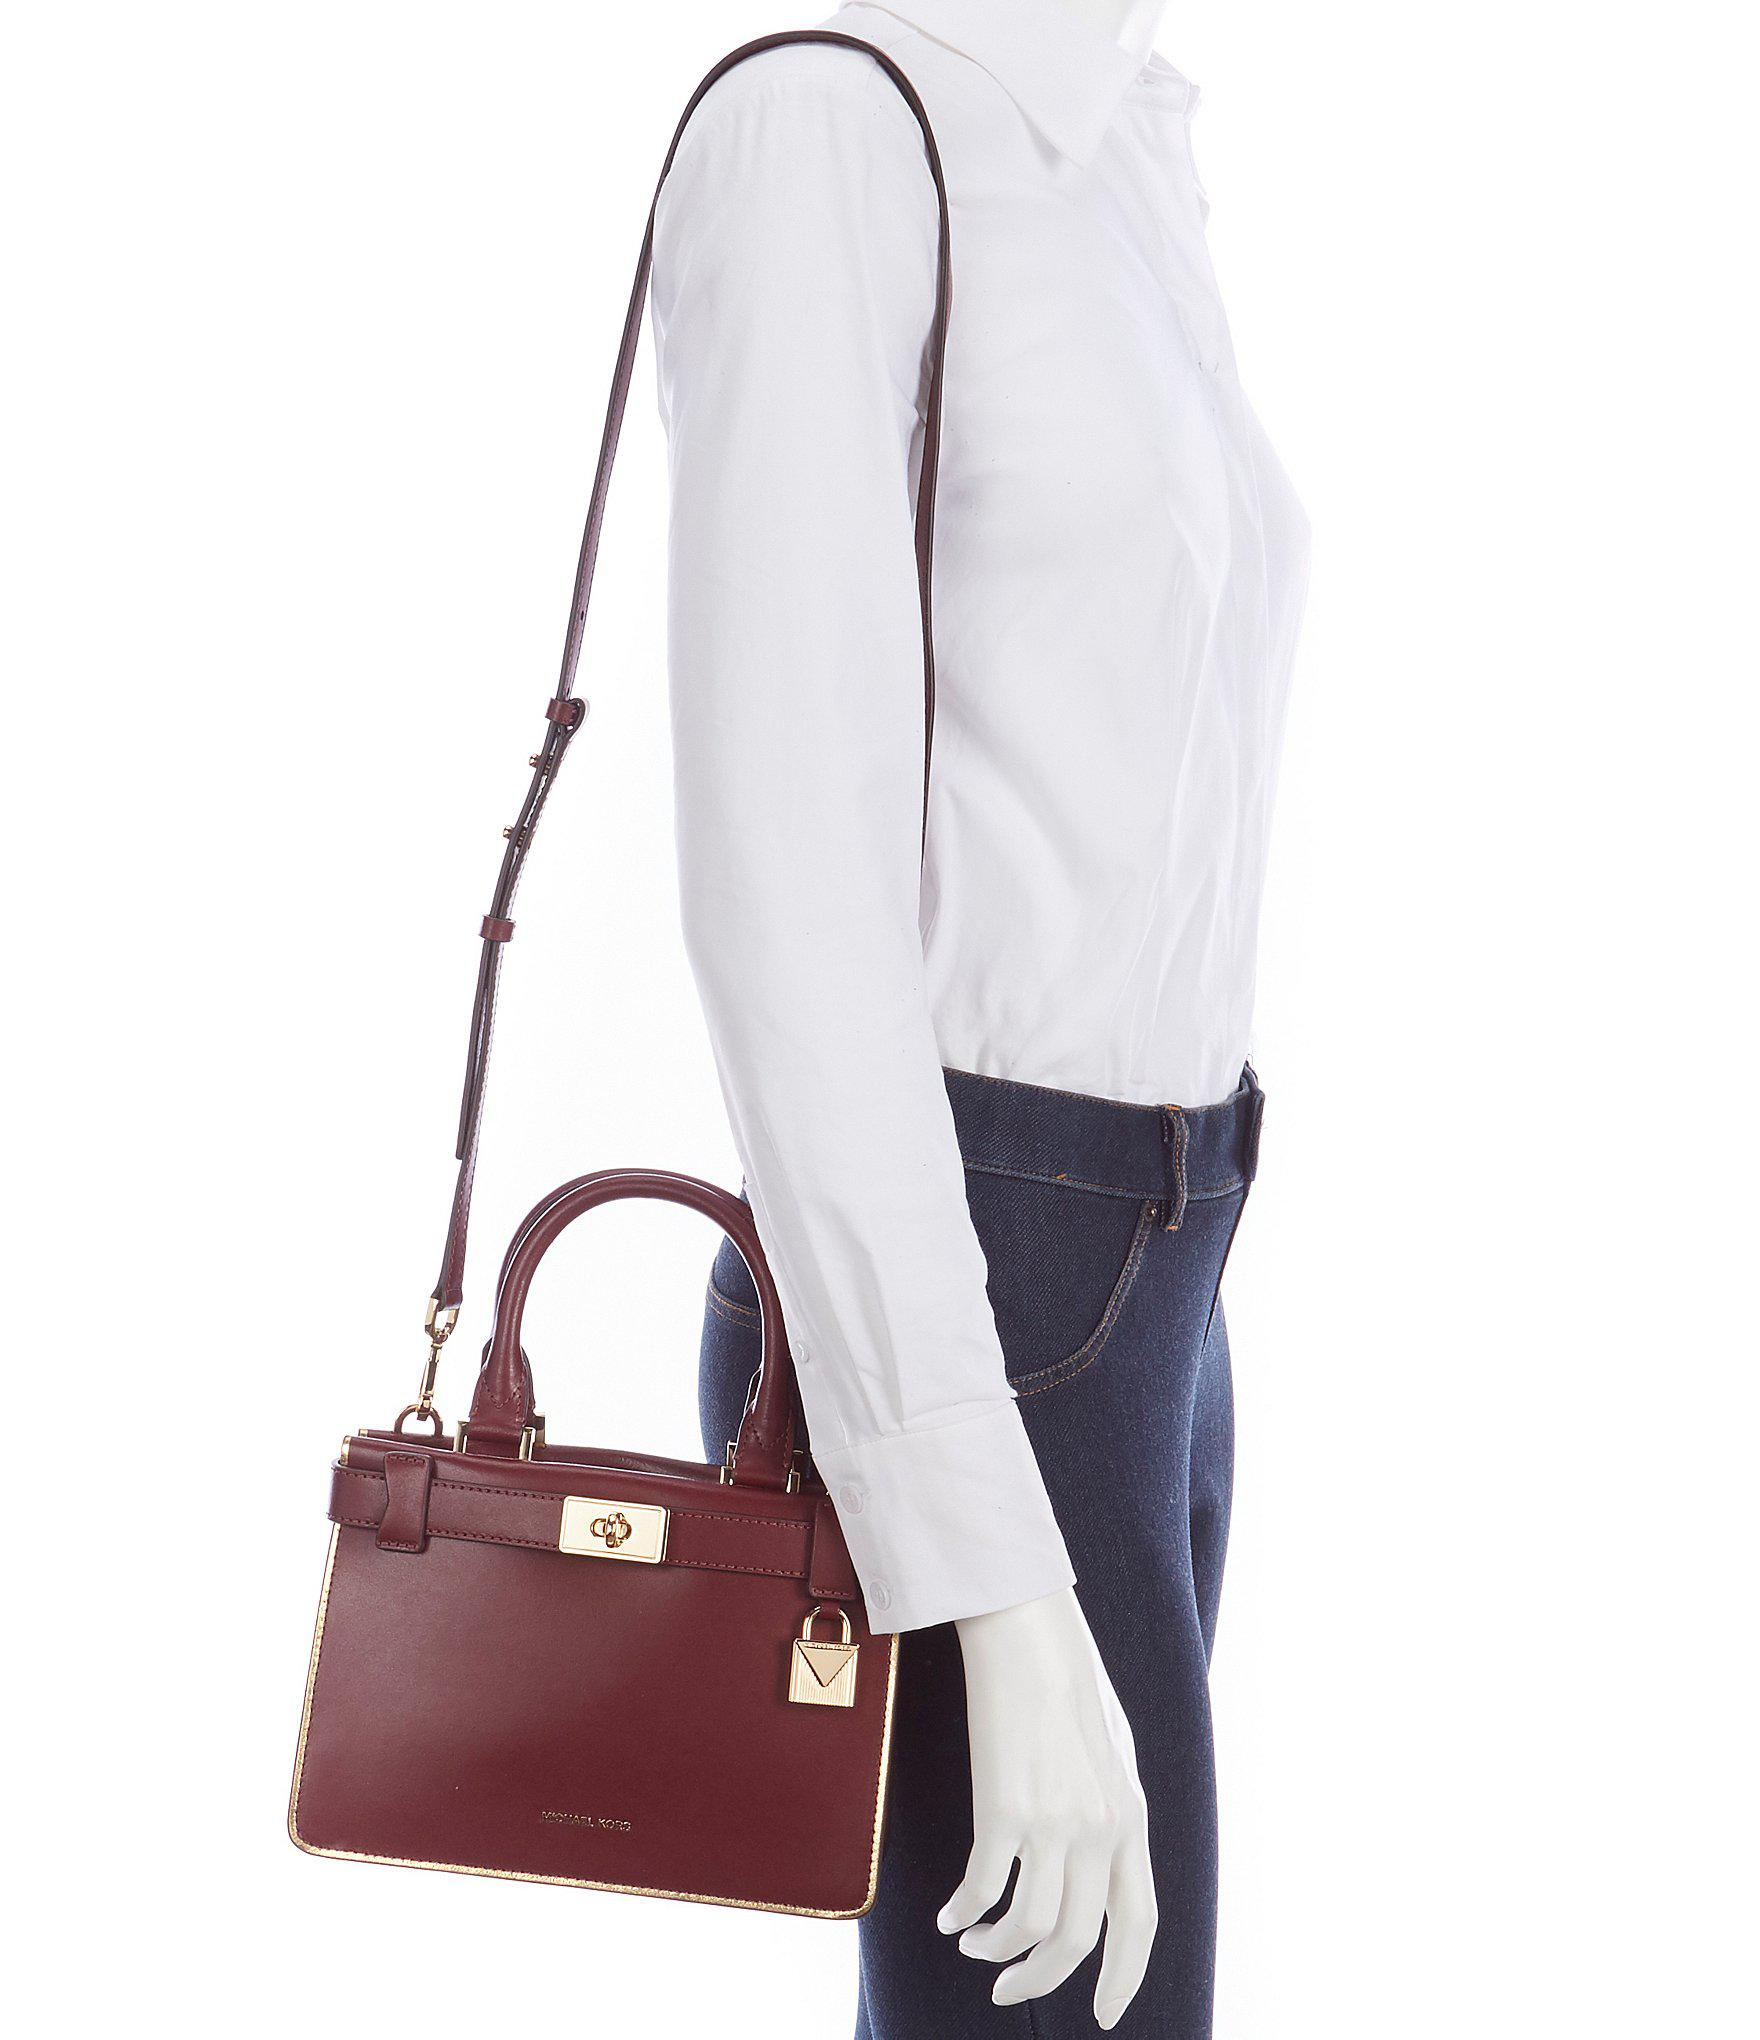 c9edf14cdd4f4d MICHAEL Michael Kors Tatiana Leather Turn Lock Mini Satchel Bag - Lyst